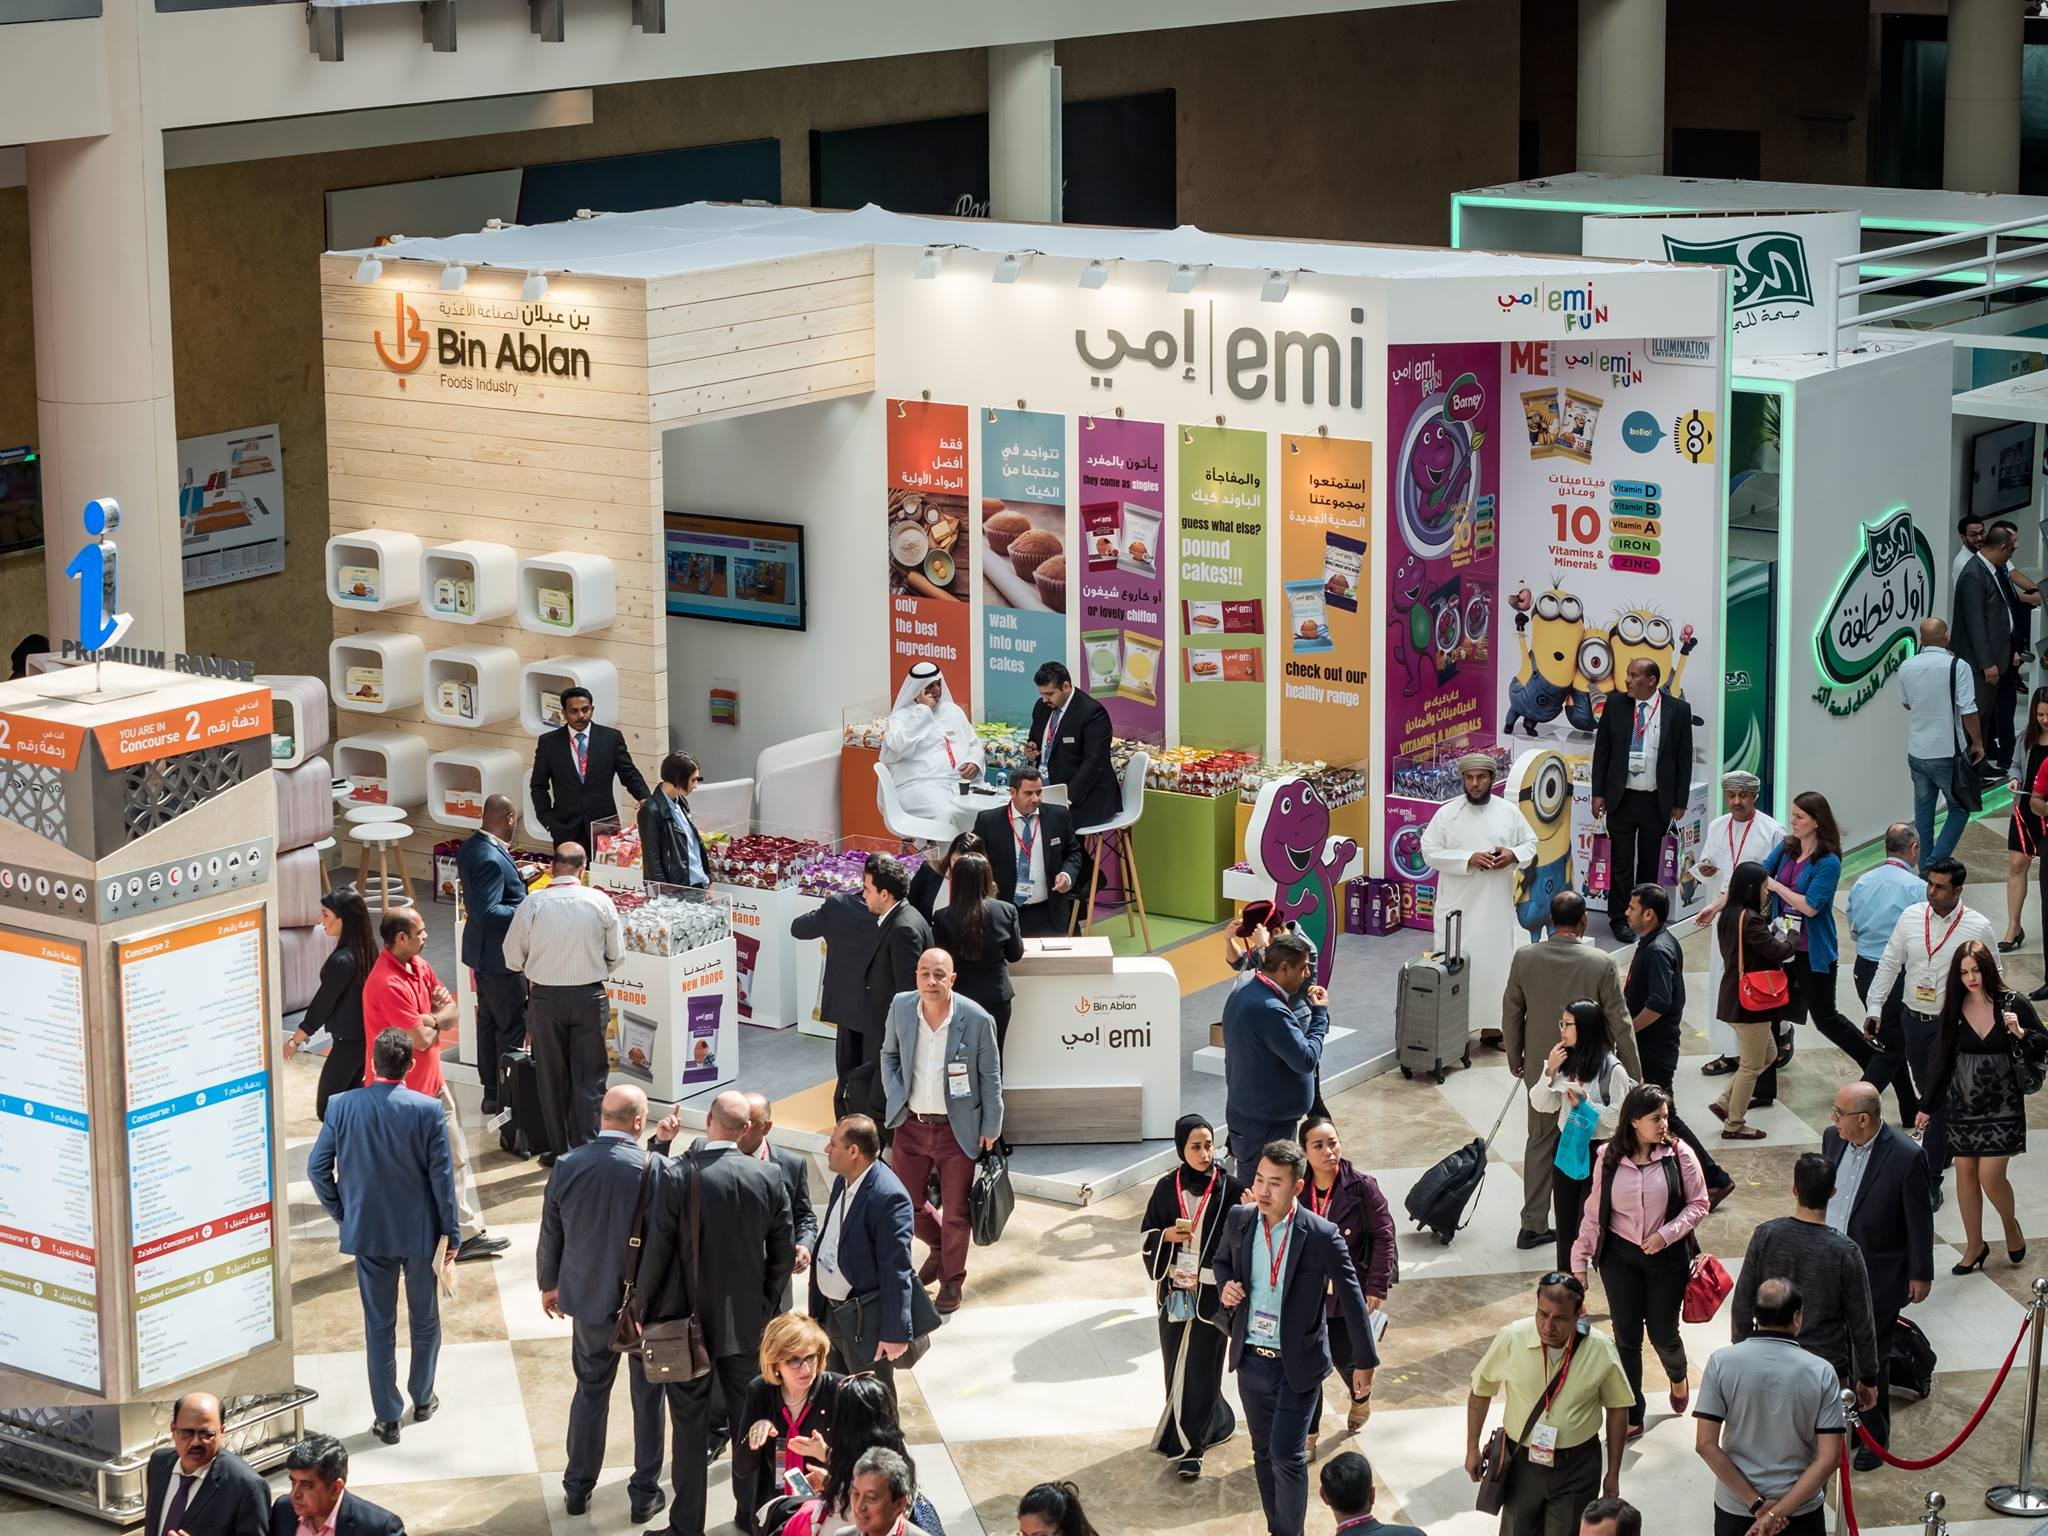 Bin Ablan Foods Industry | LinkedIn